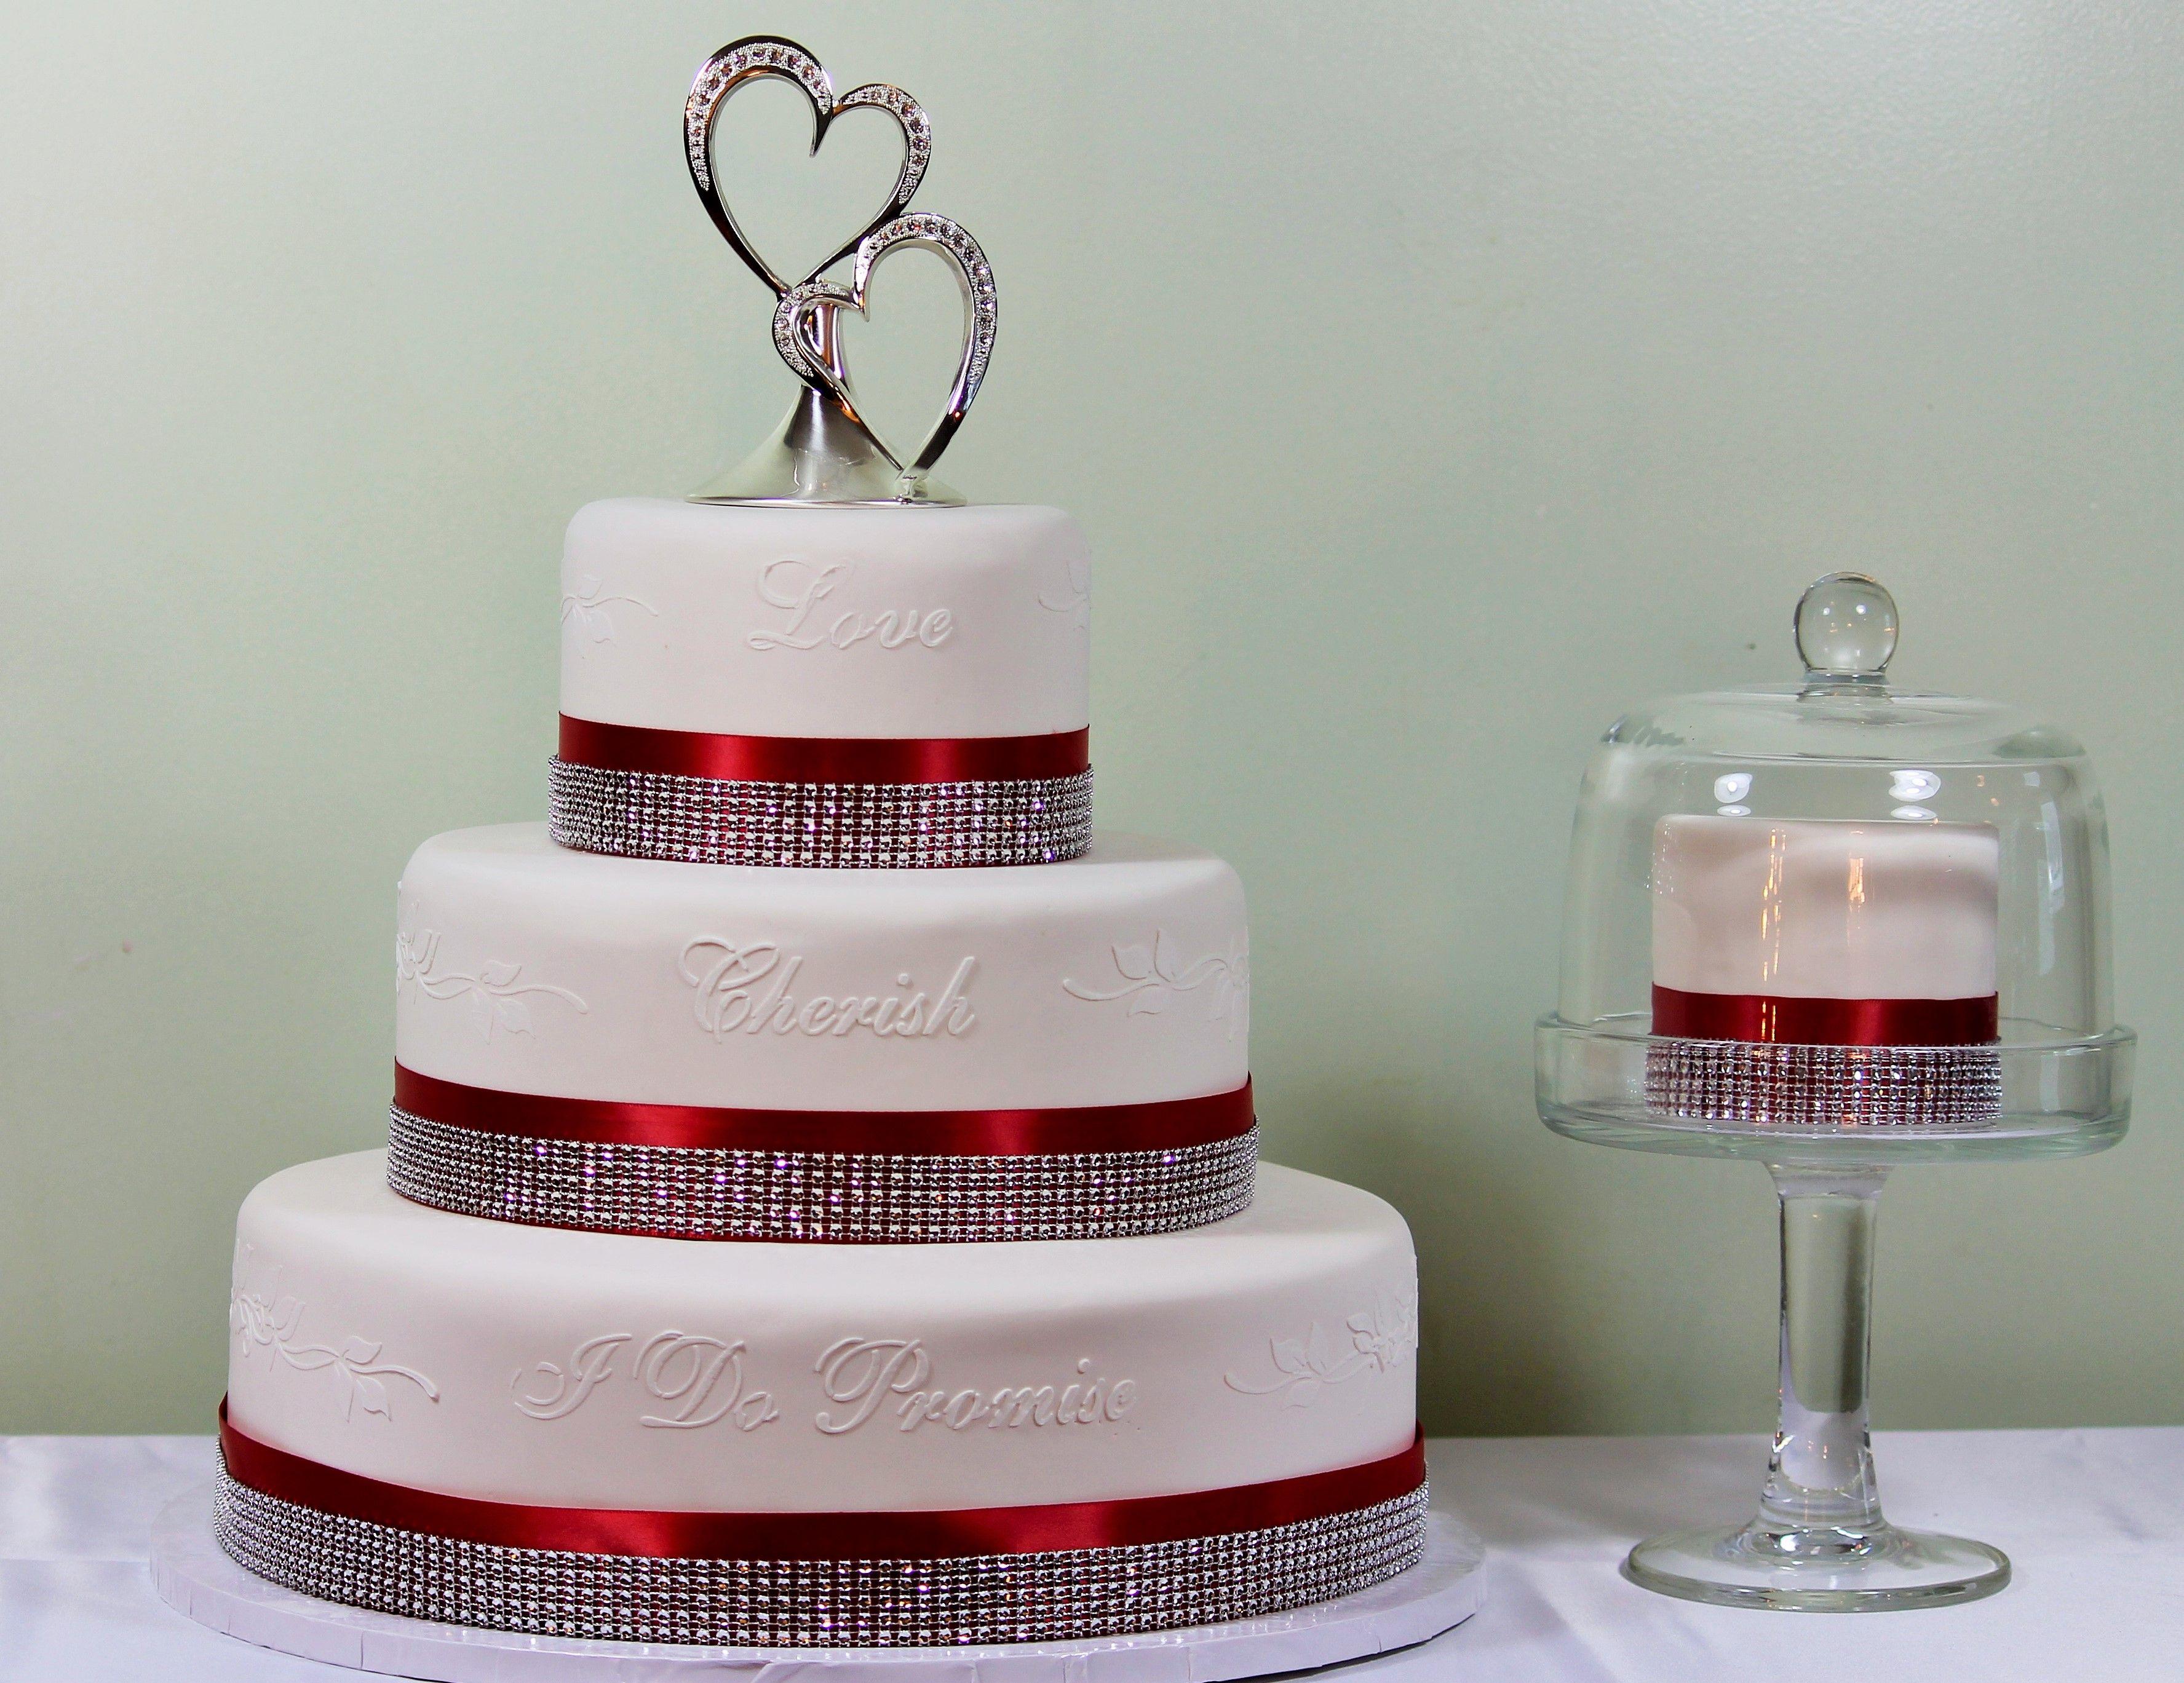 This fake wedding cake rental has a \